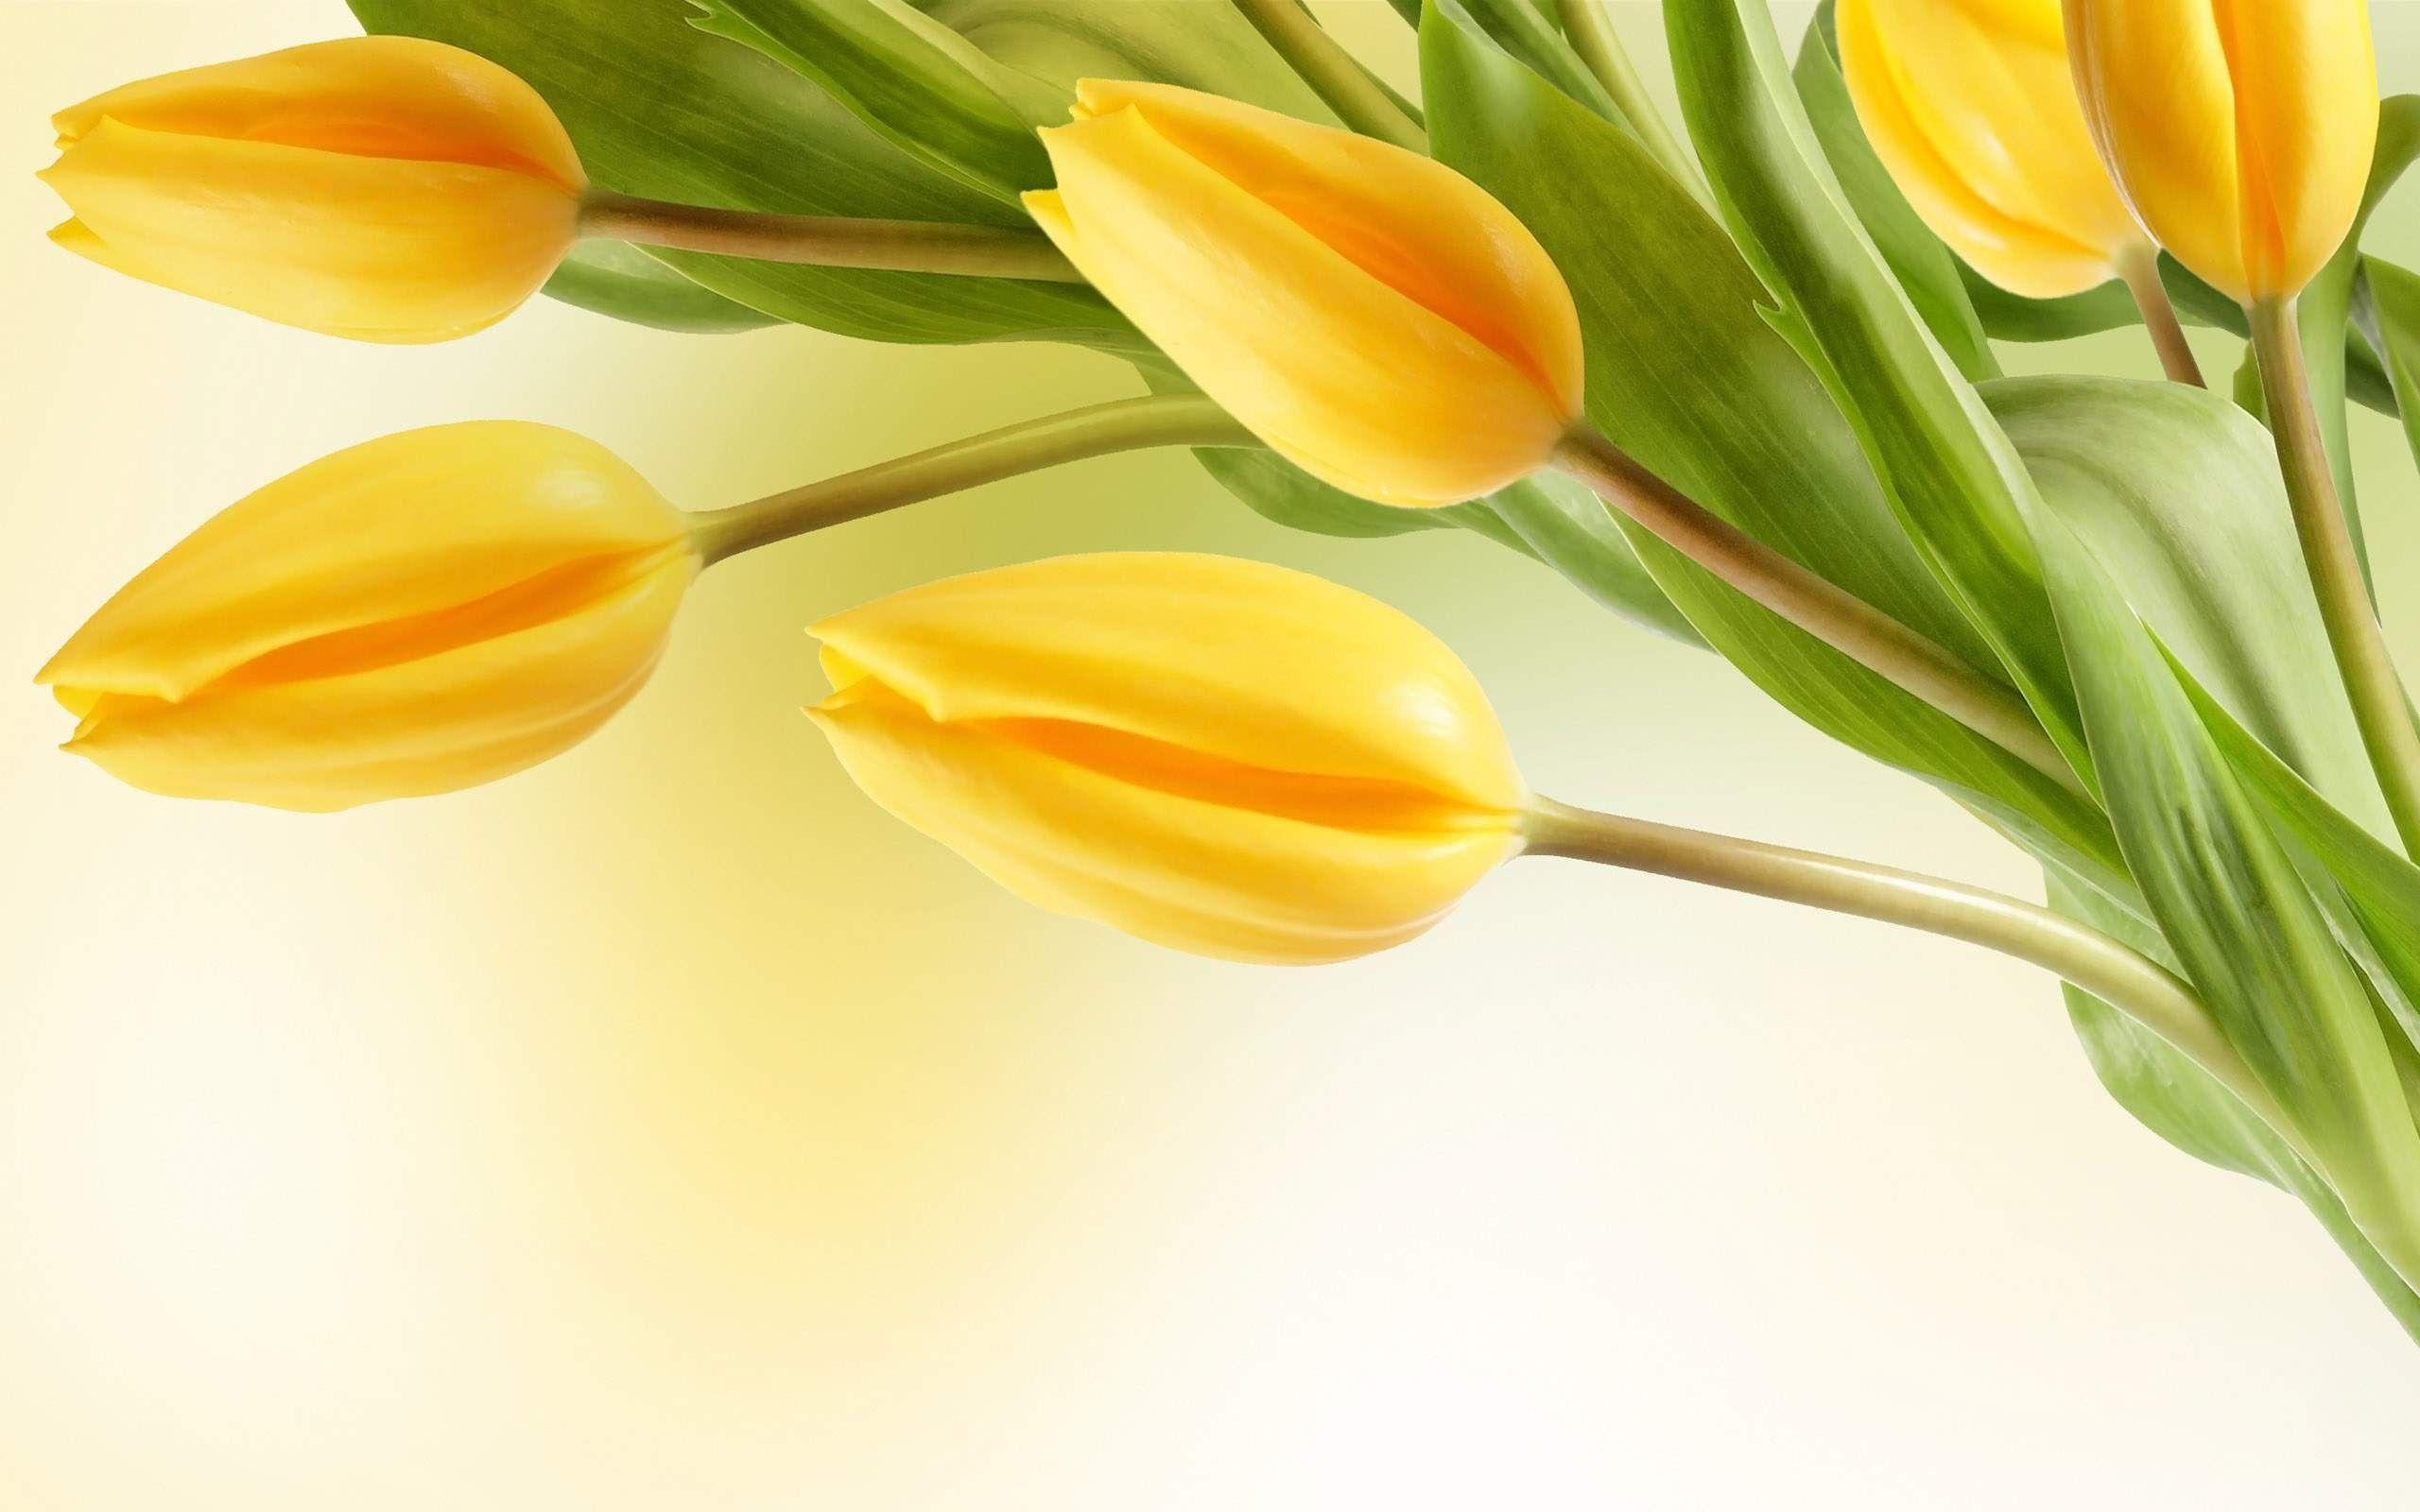 Hd Yellow Flower Wallpaper Flower Wallpaper Yellow Flower Wallpaper Yellow Tulips